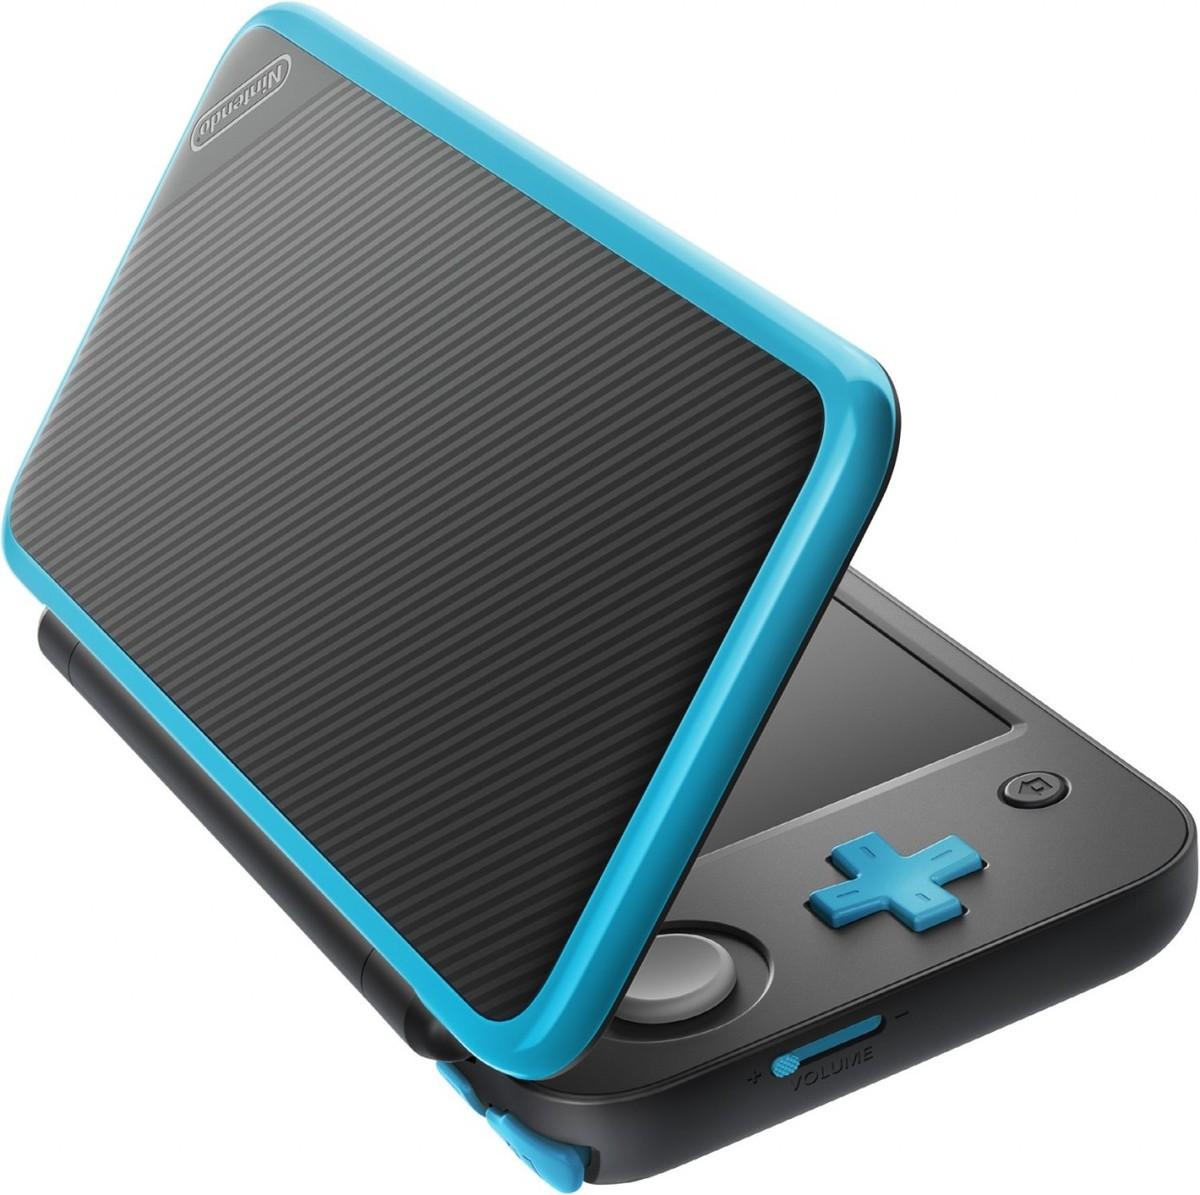 Bild 5 von Nintendo New 2DS Konsole XL | B-Ware - Artikel  wurde vom Hersteller geprüft - technisch einwandfrei